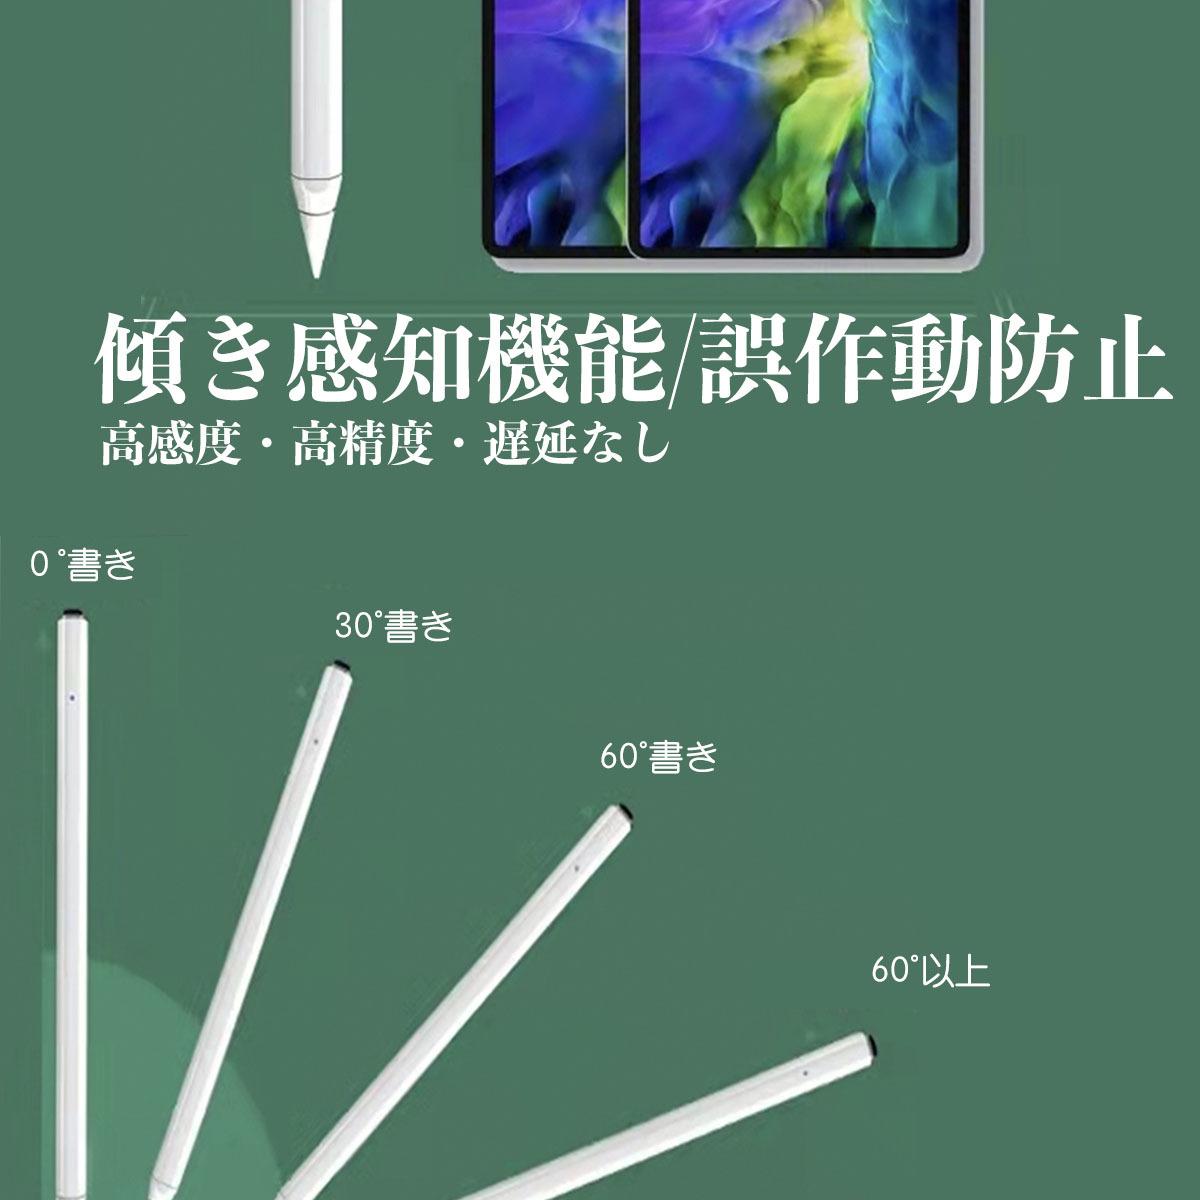 2018年以降機種対応 パームリジェクション機能 期間限定値下げ 最新版 傾き感知誤作動防止 iPadペン iPad タッチペン pencil ペンシル デジタルペン ipad メーカー再生品 6 11 air3 12.9 apple ipad第7世代 pro 2018年以降iPad対応 大放出セール mini5 タブレット 第三世代